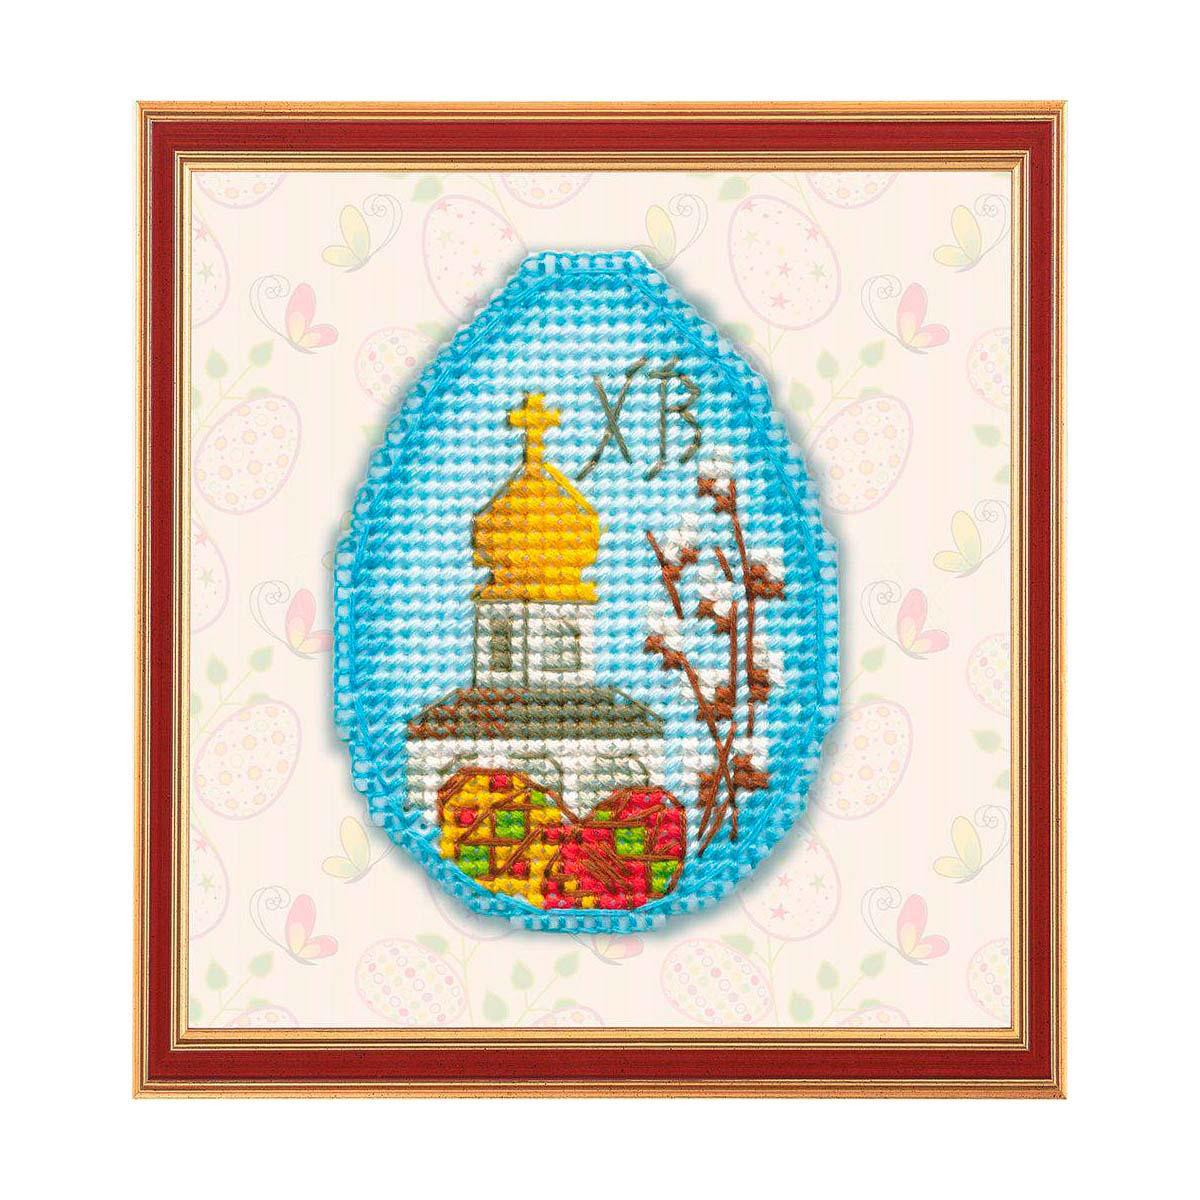 Набор для вышивания на пластиковой канве Пасхальный сувенир 72 х 53см арт. 1180 Овен